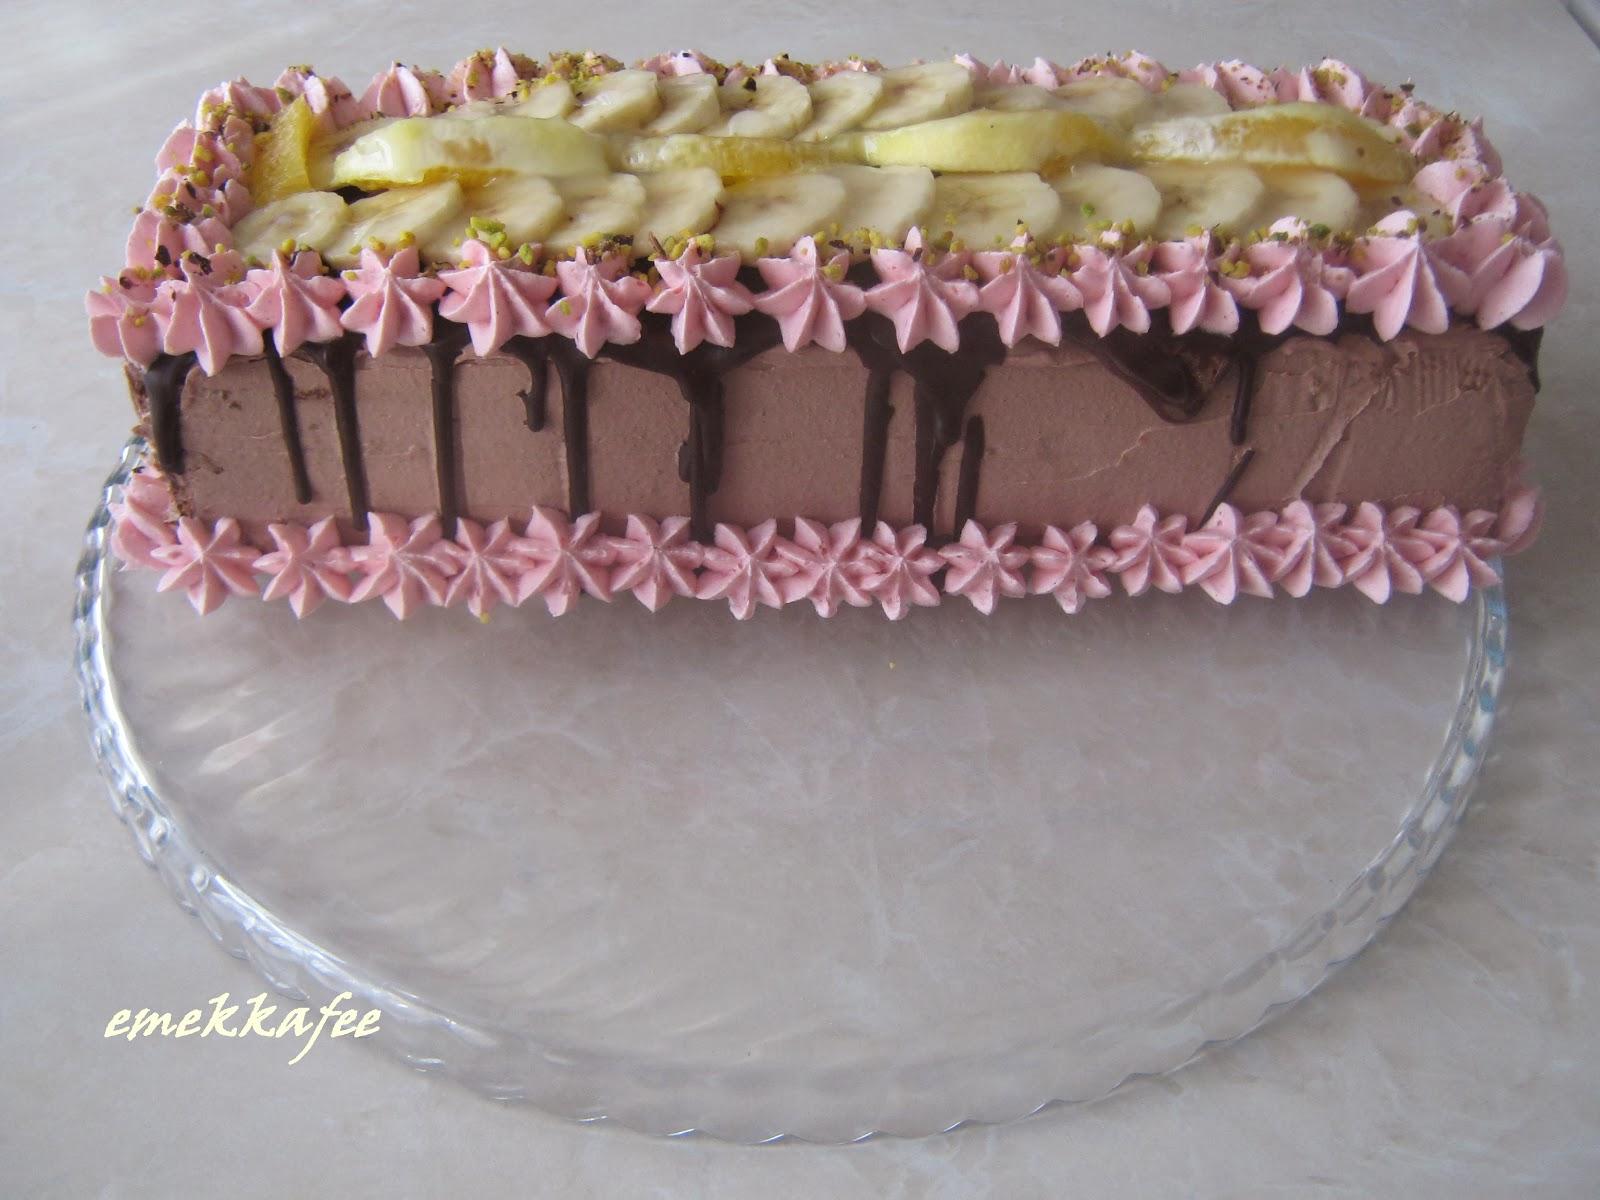 muzlu pasta,çikolatalı pasta,krem şantili pasta,pasta,ev yapımı